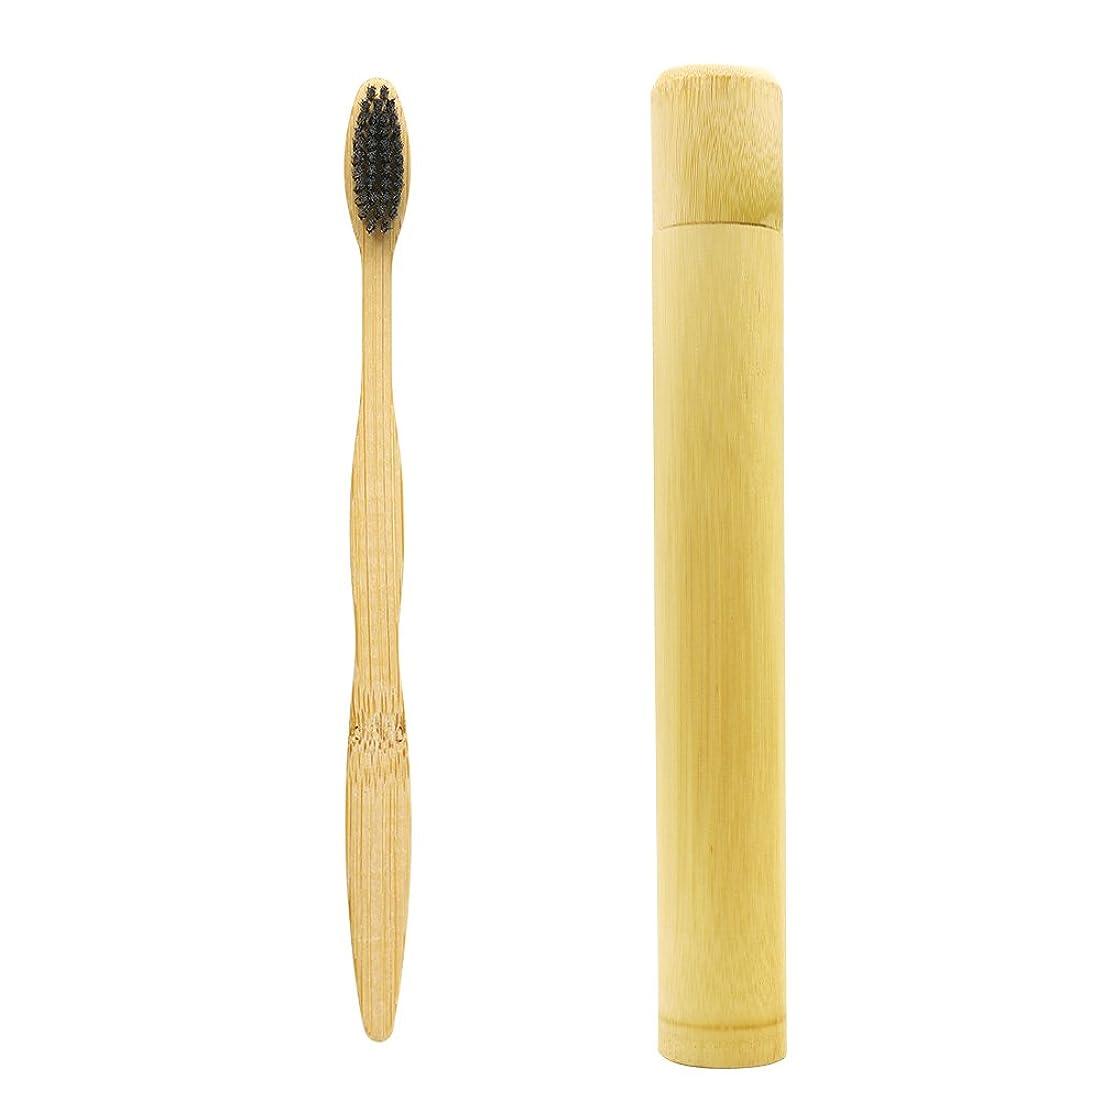 テキスト歪める死N-amboo 歯ブラシ ケース付き 竹製 高耐久性 出張旅行 携帯便利